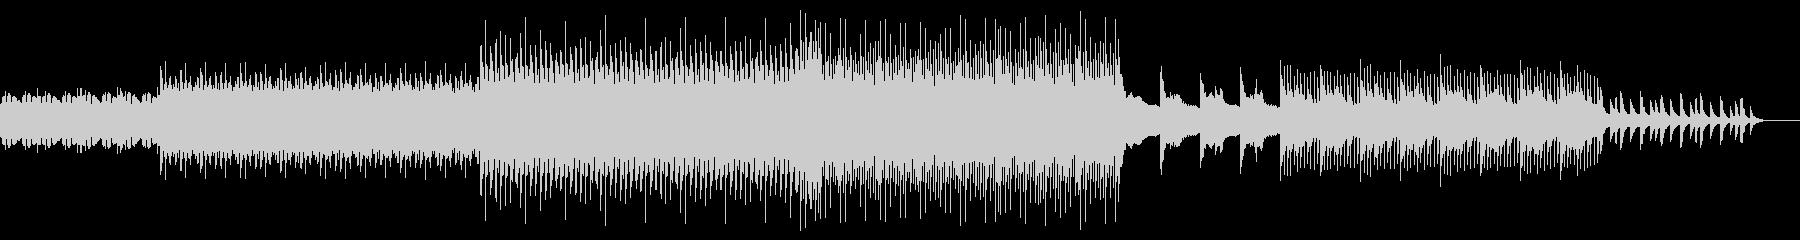 始まりを予感させるクールなサウンドの未再生の波形